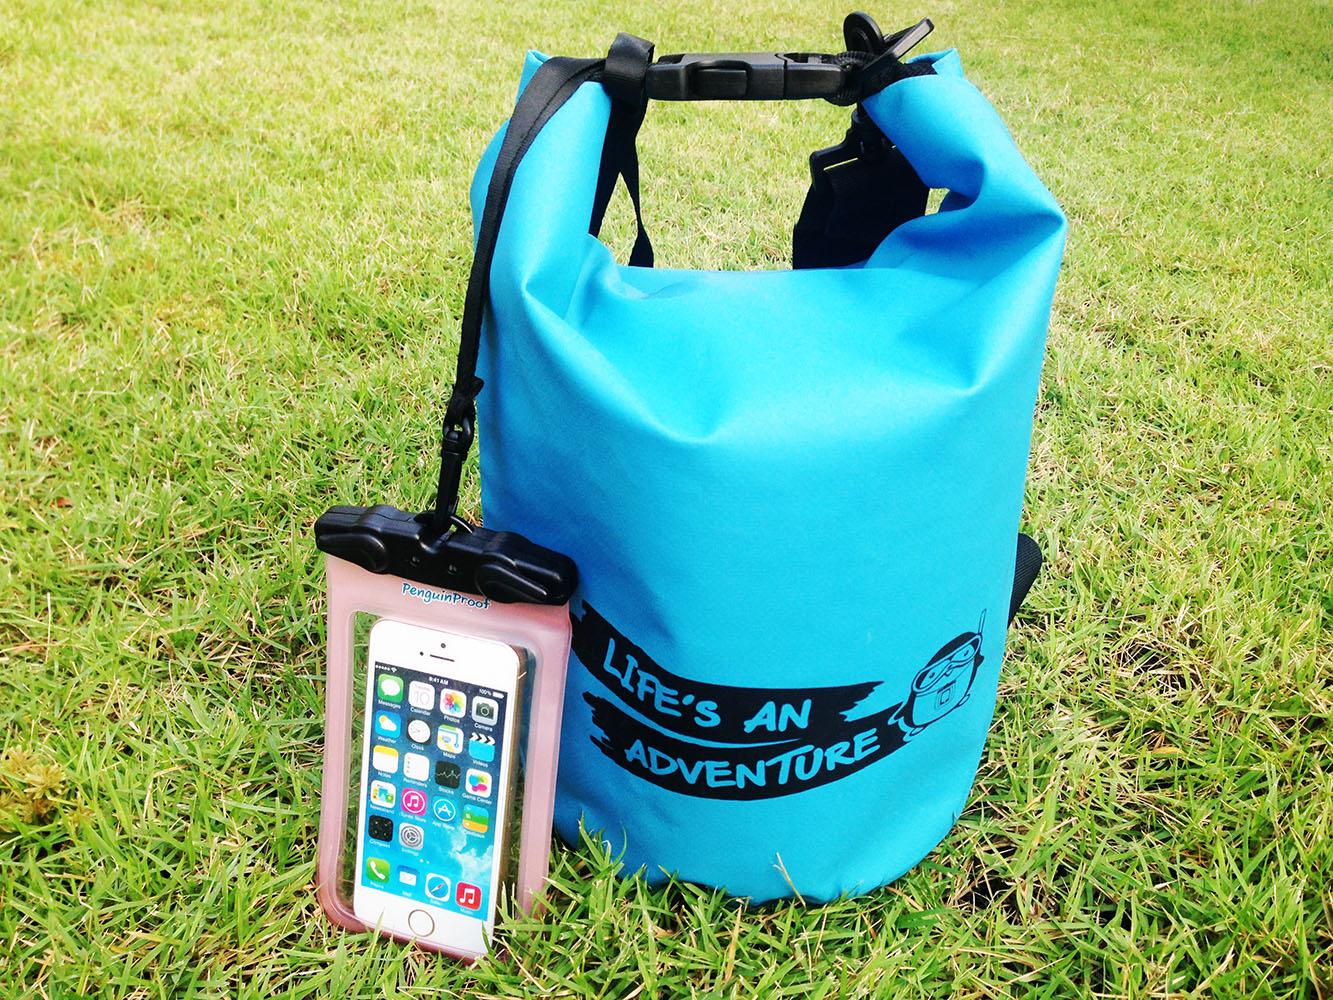 ชุด Set ซองกันน้ำมือถือเล็ก (4.5 นิ้ว) สีชมพู + กระเป๋ากันน้ำ Penguin Bag ขนาด 5 ลิตร